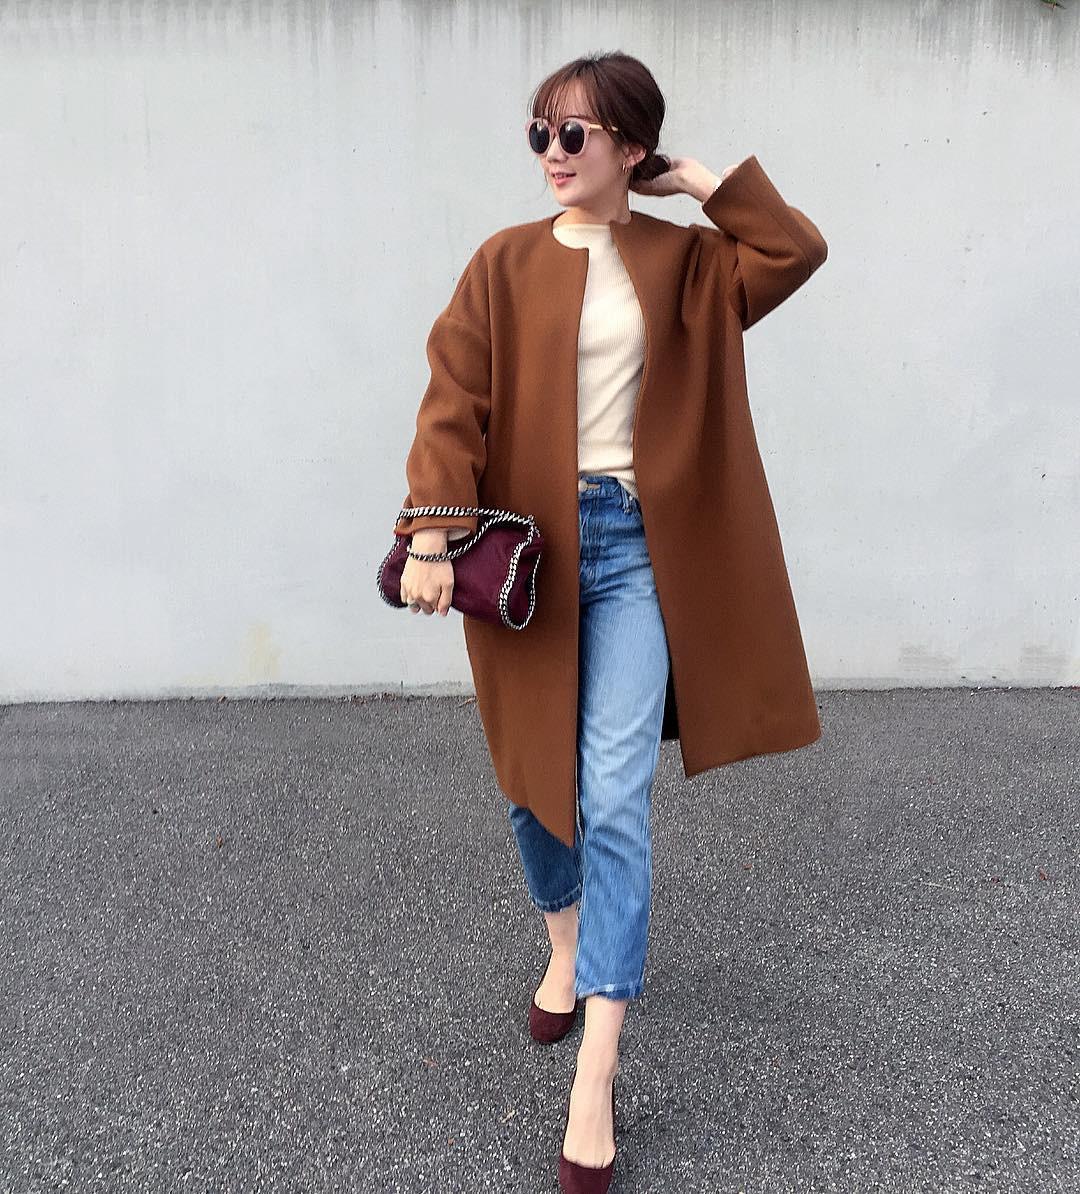 ブラウンコートの女っぽカジュアルコーデ ___mikik___